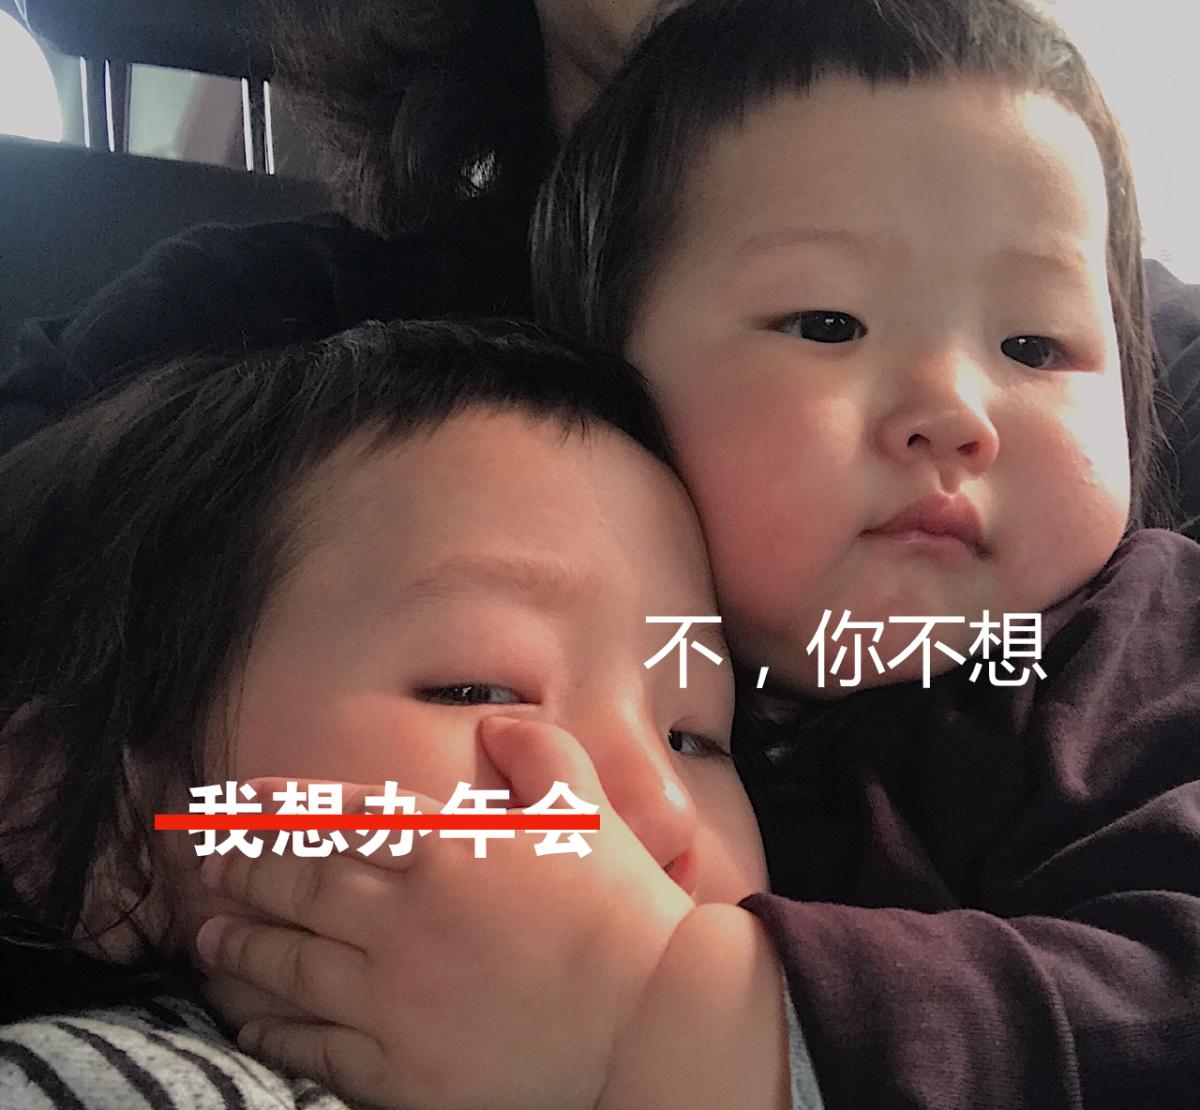 默认标题_微信朋友圈_2019-12-18-0.png